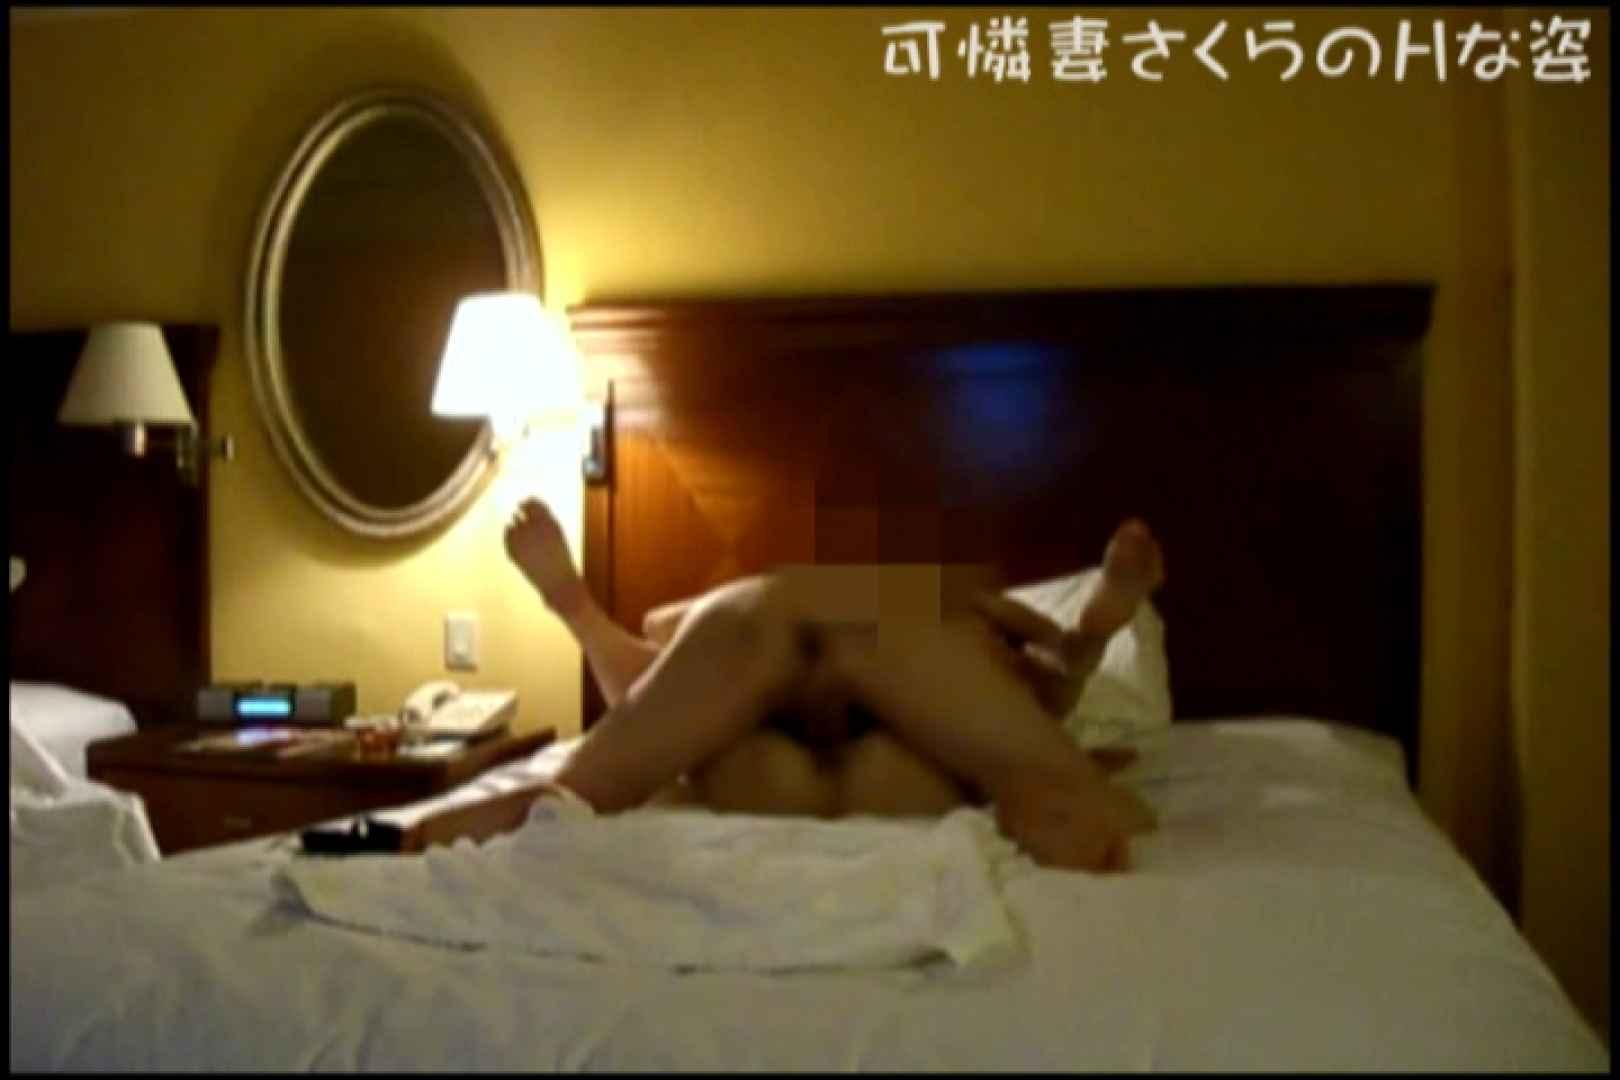 アダルトエロ動画 可憐妻さくらのHな姿vol.8 大奥